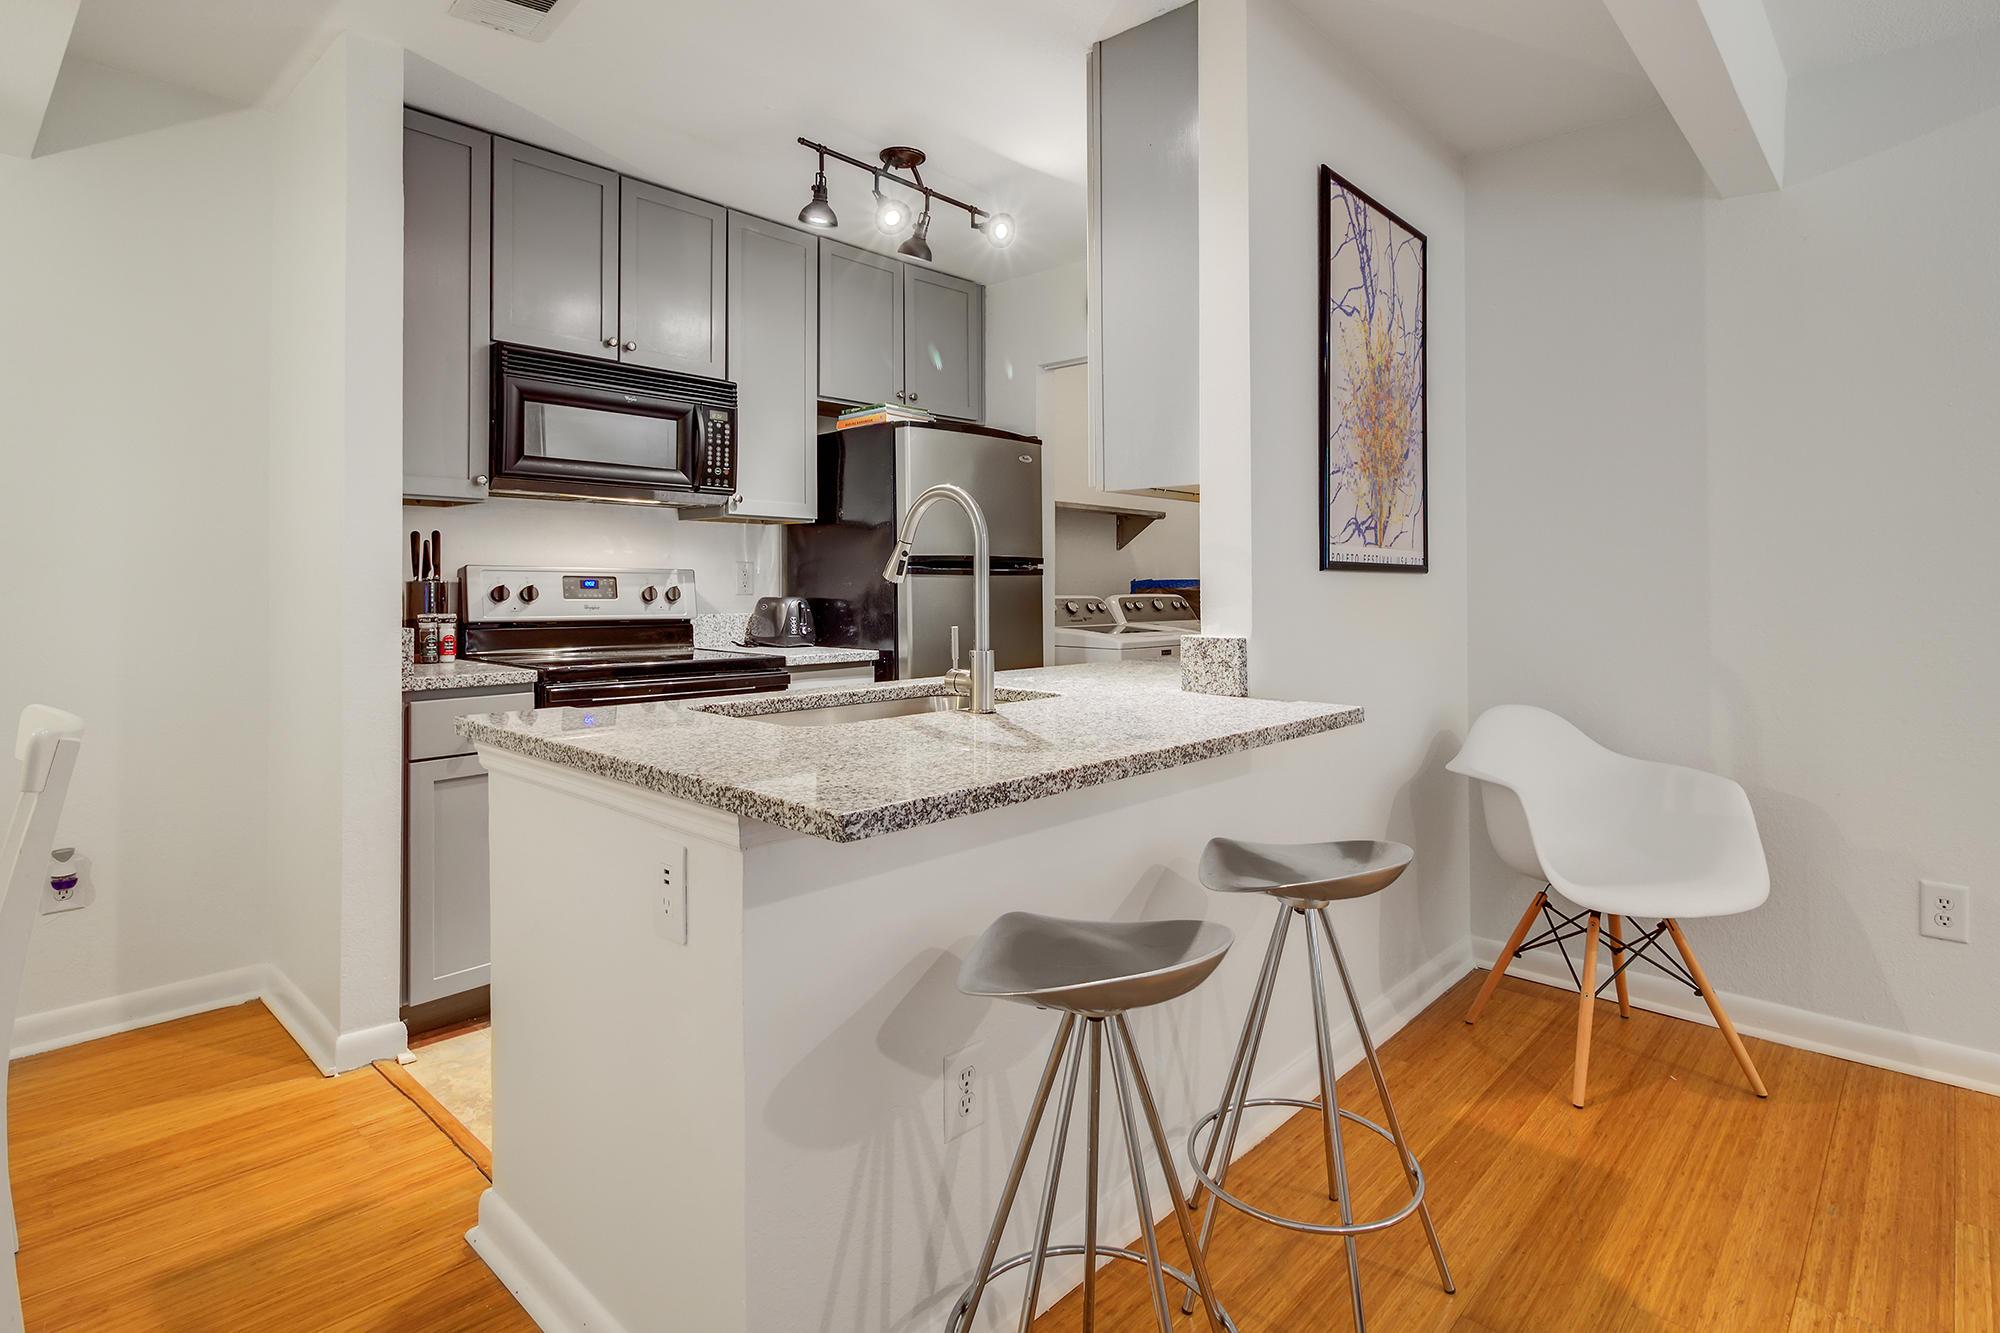 East Bridge Town Lofts Homes For Sale - 273 Alexandra, Mount Pleasant, SC - 2